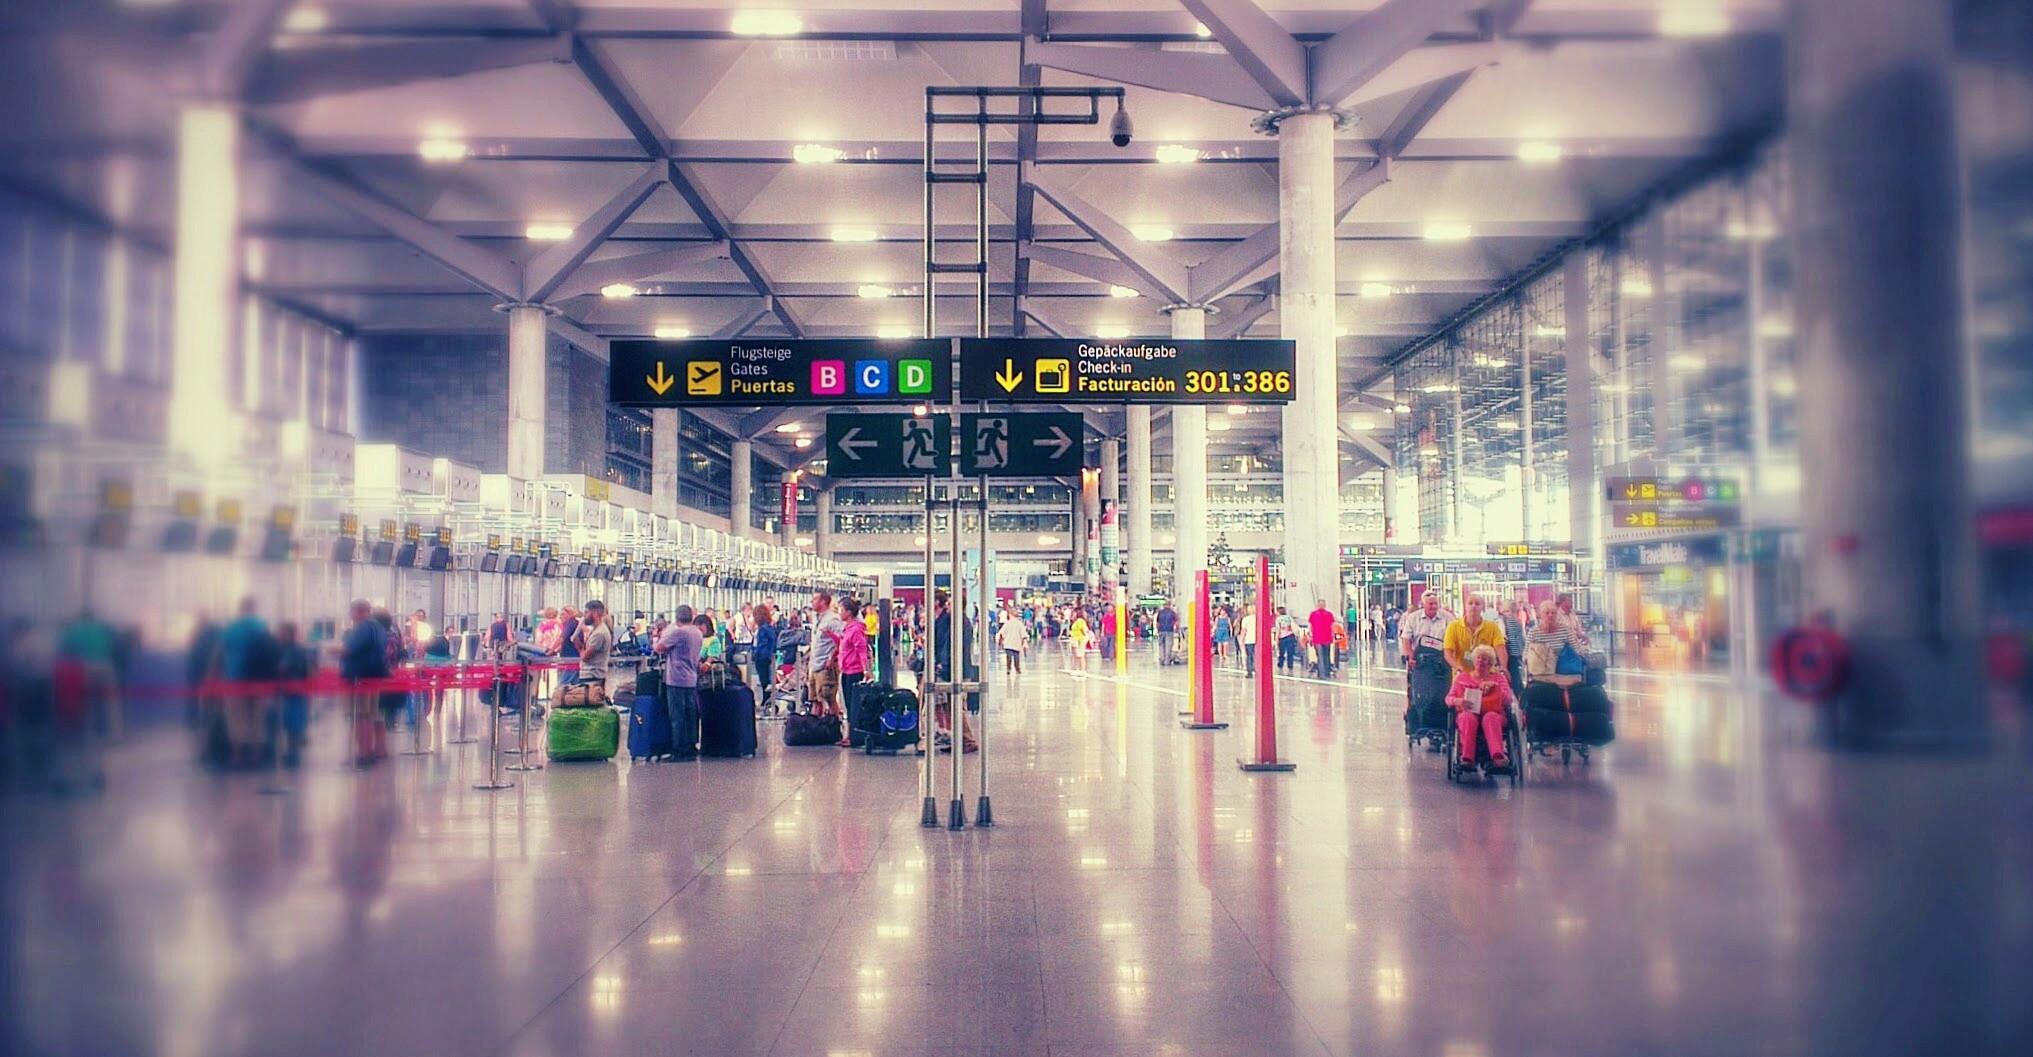 Jetstar New Zealand Travel Insurance Policy